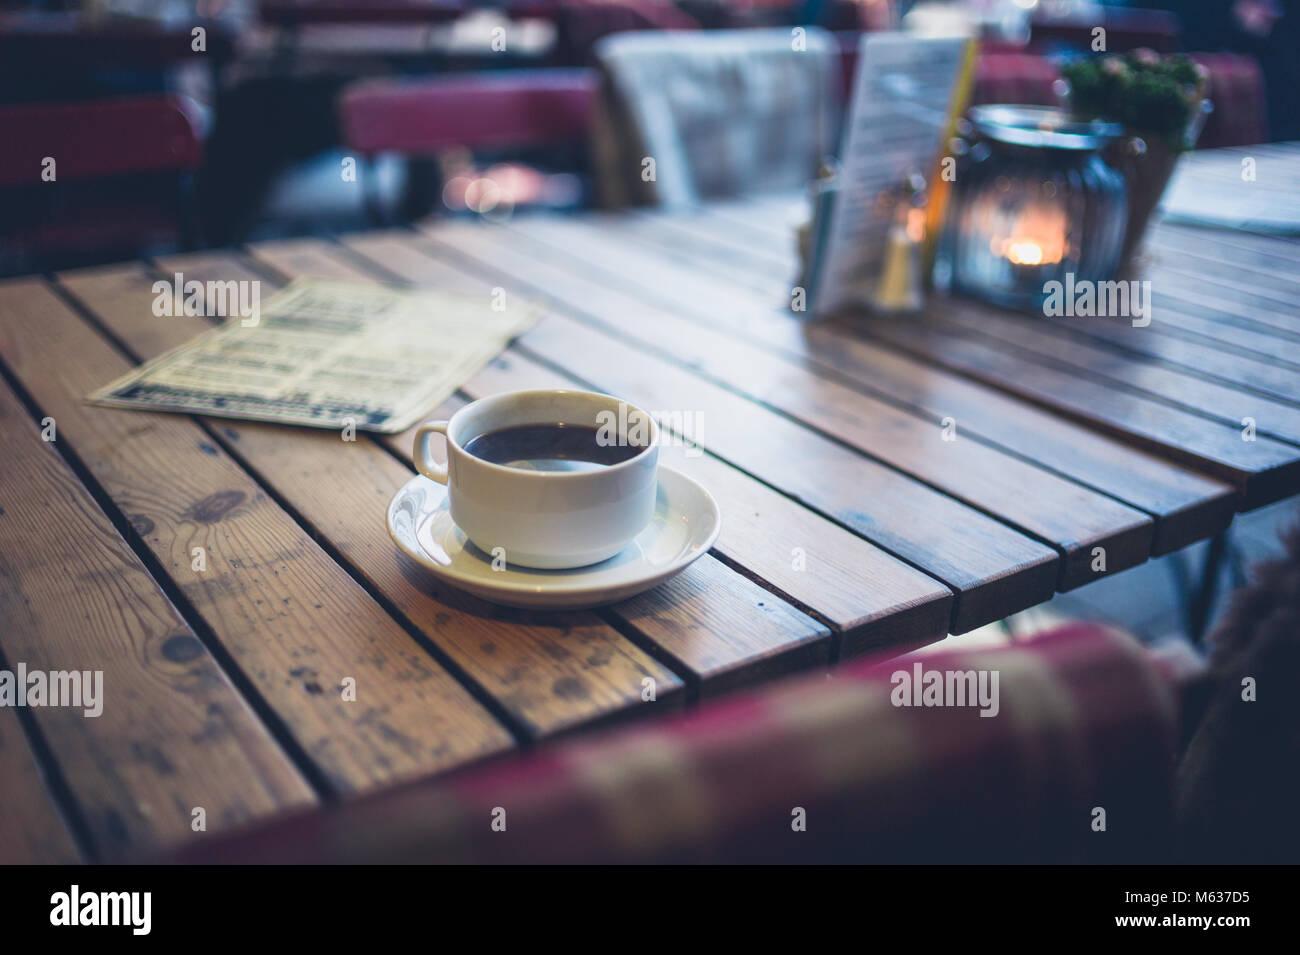 Una tazza di caffè in una tabella in un cafe al di fuori Immagini Stock